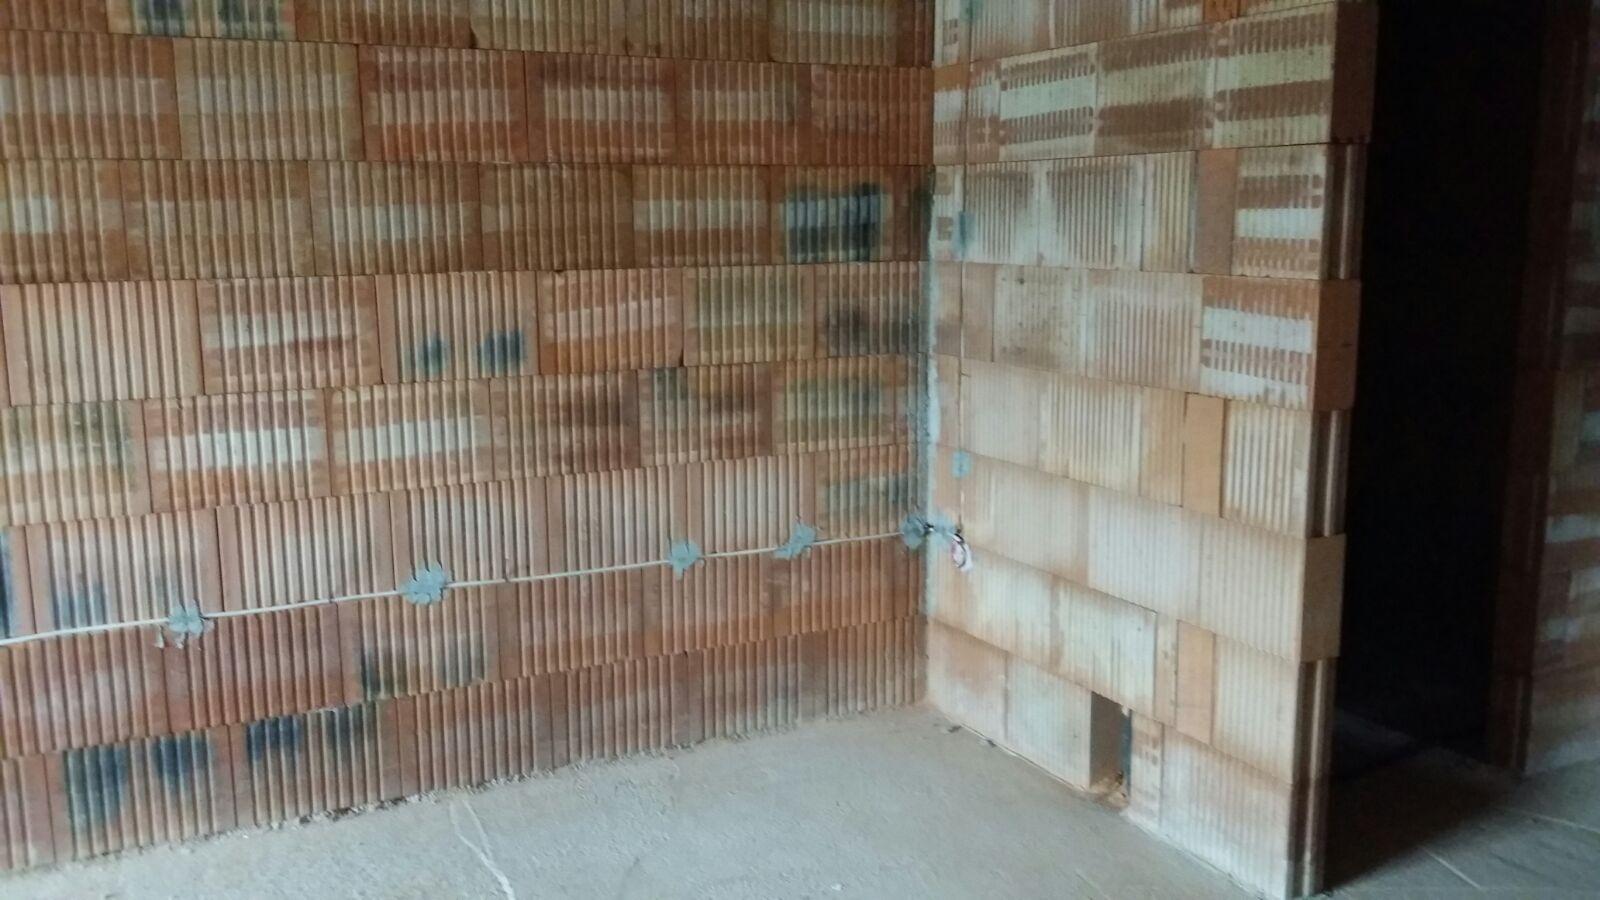 schimmel betondecke garage die dmmkeile aus holzfasern. Black Bedroom Furniture Sets. Home Design Ideas